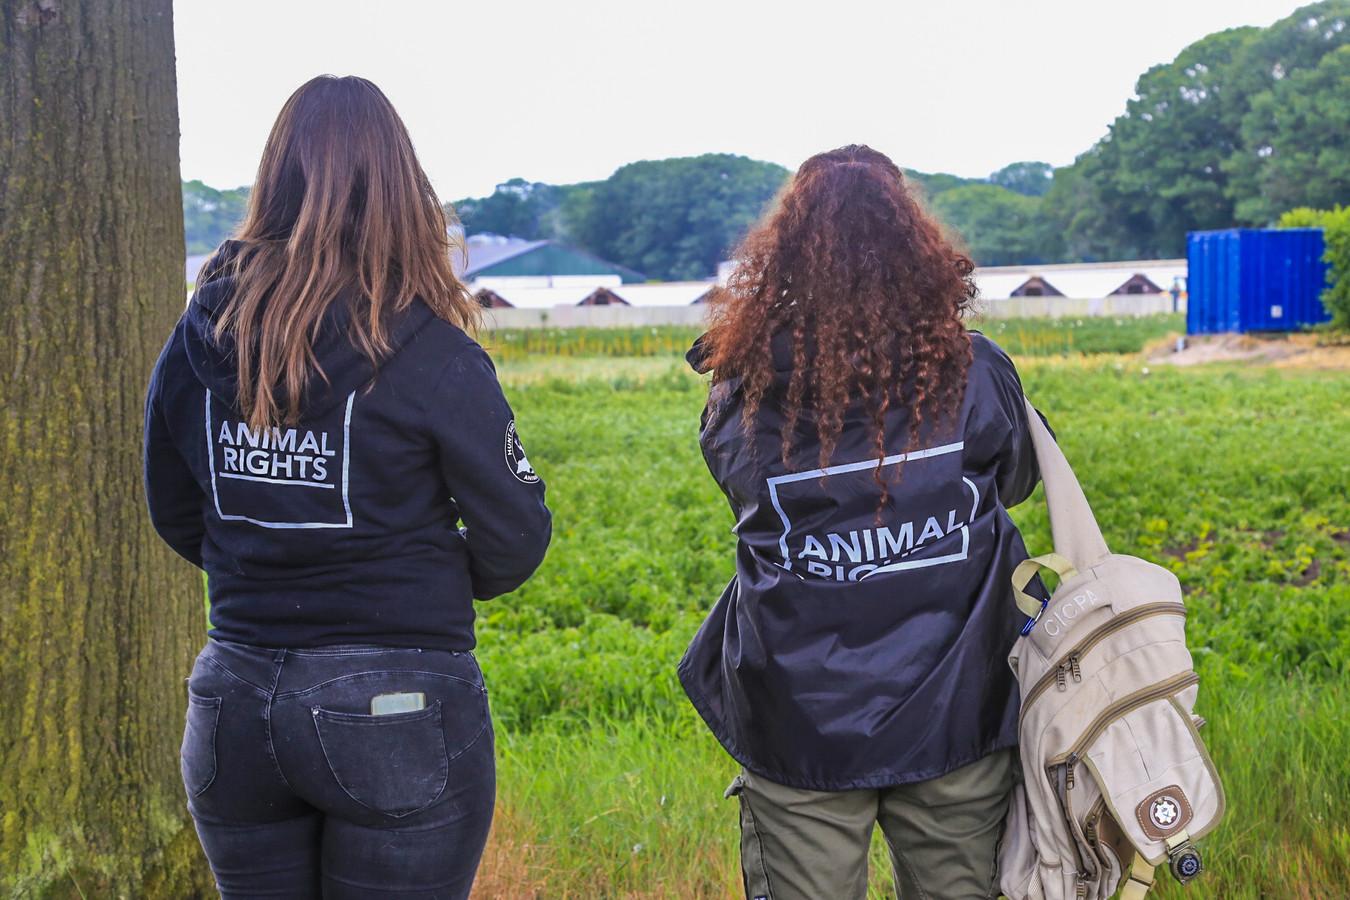 Ook dierenactivisten namen een kijkje bij de ruiming.